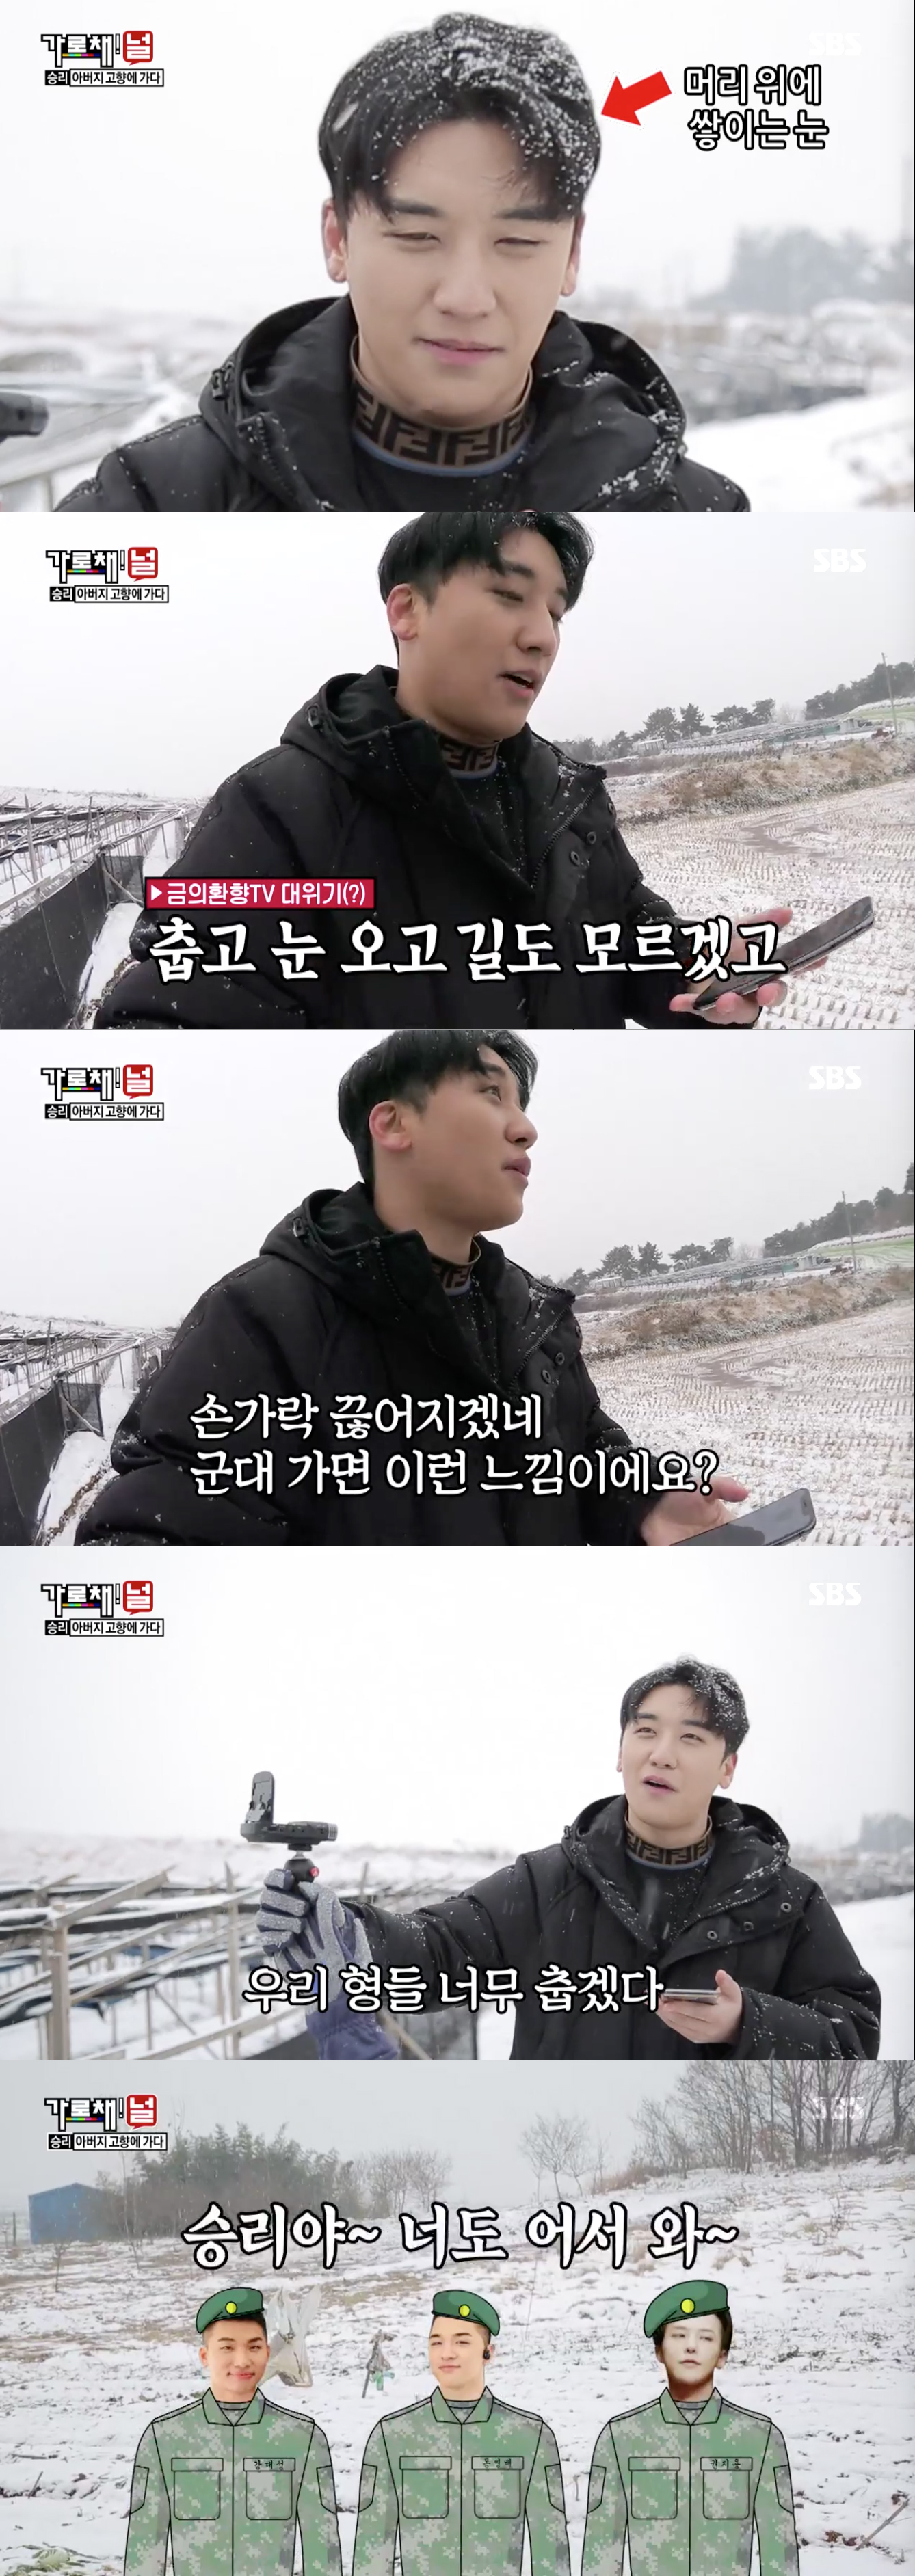 """'가로채널' 승리, 강추위에 """"우리 형들 춥겠다""""…군대 간 '빅뱅' 멤버들 걱정"""